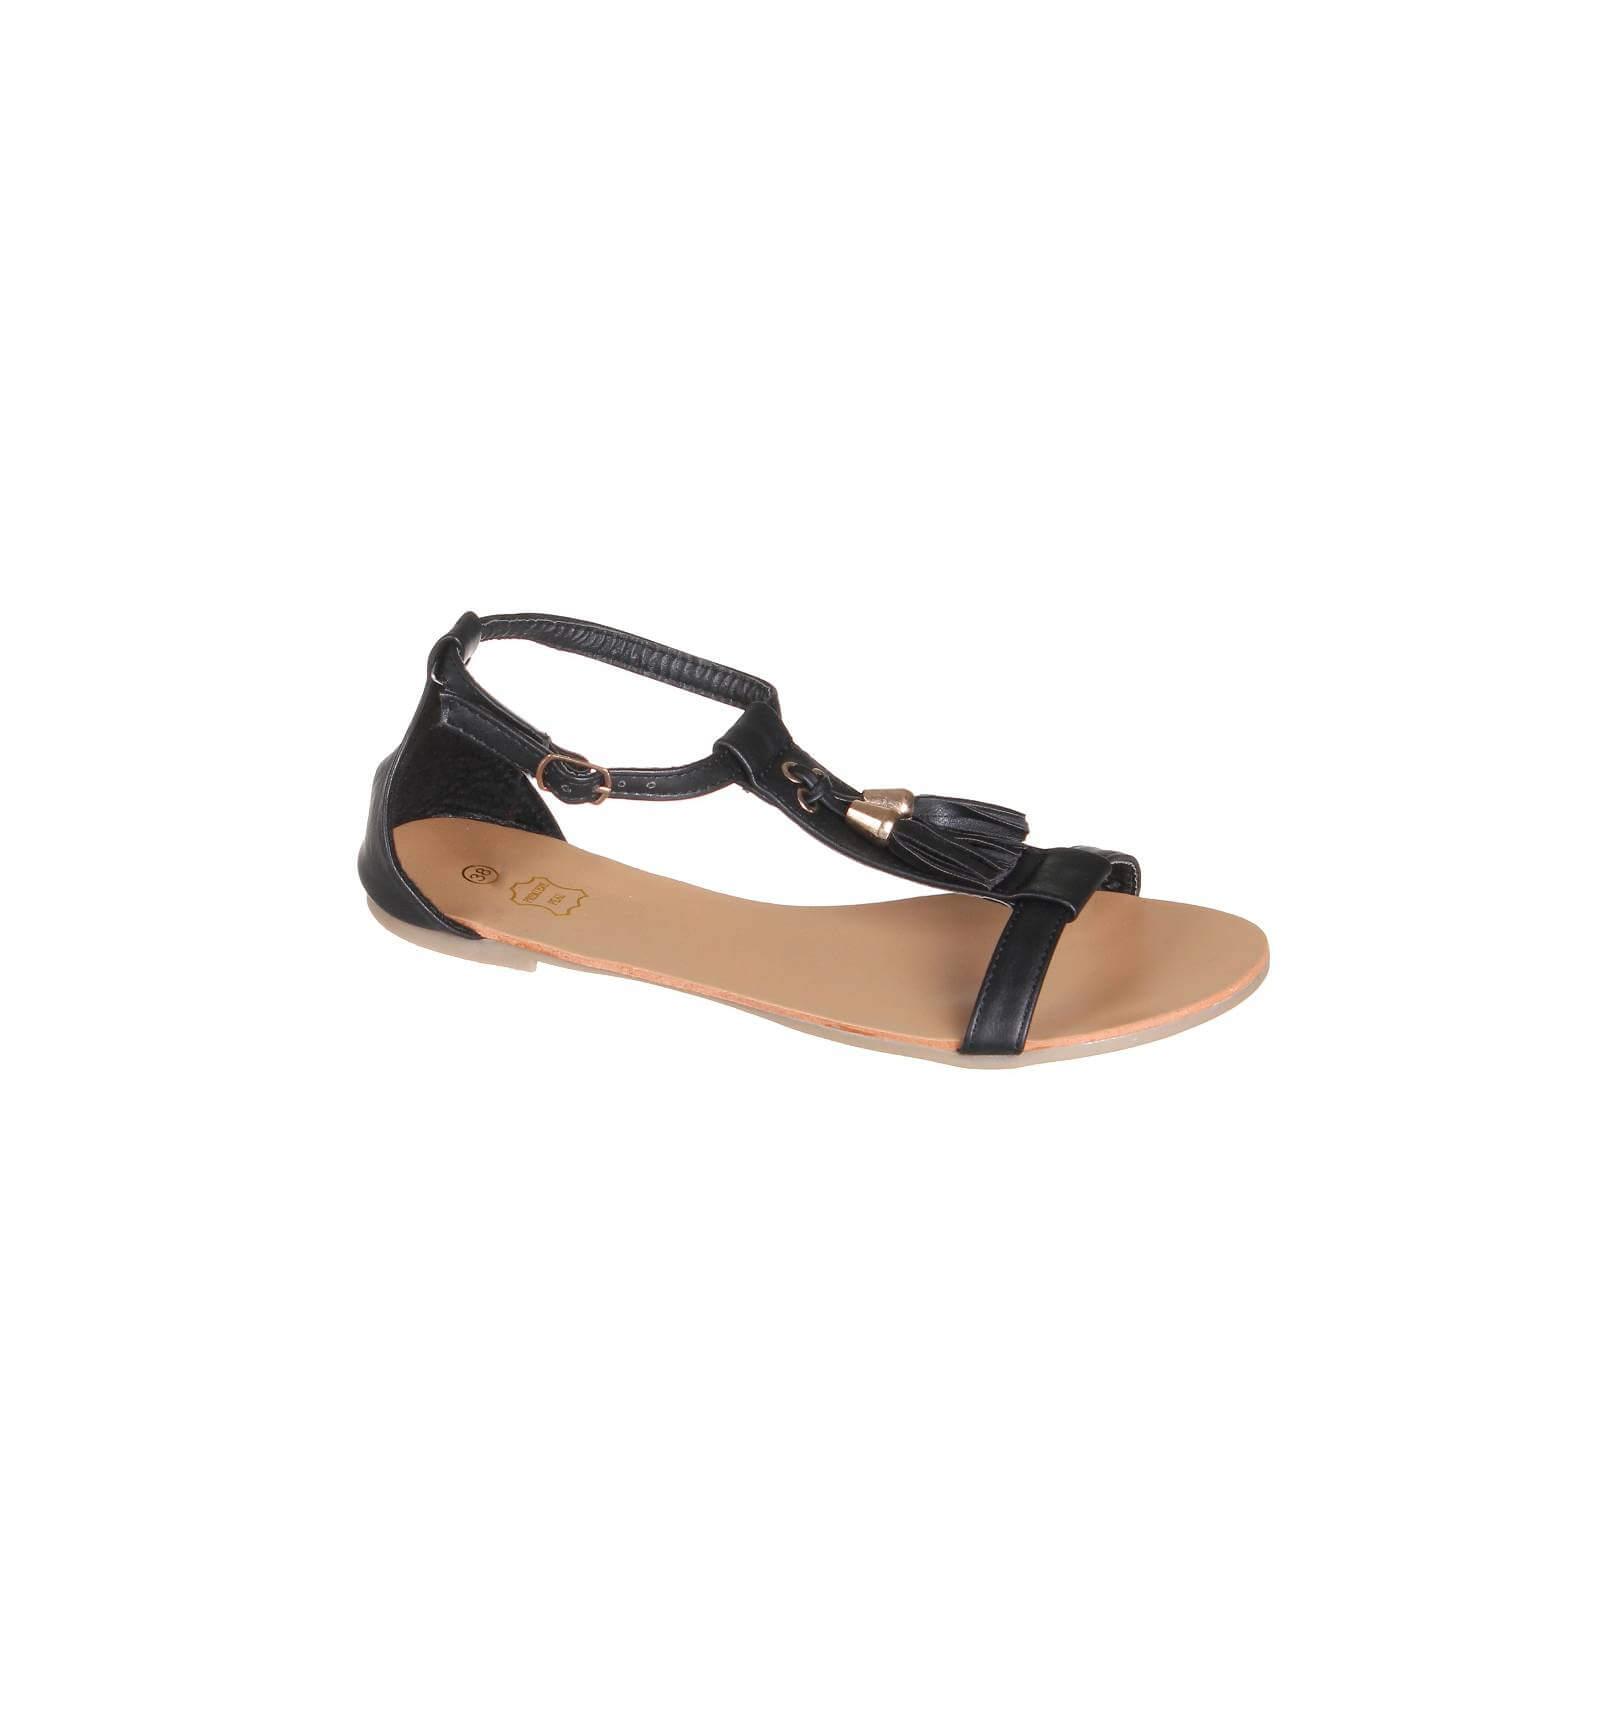 sandales femme franges noir juliana. Black Bedroom Furniture Sets. Home Design Ideas